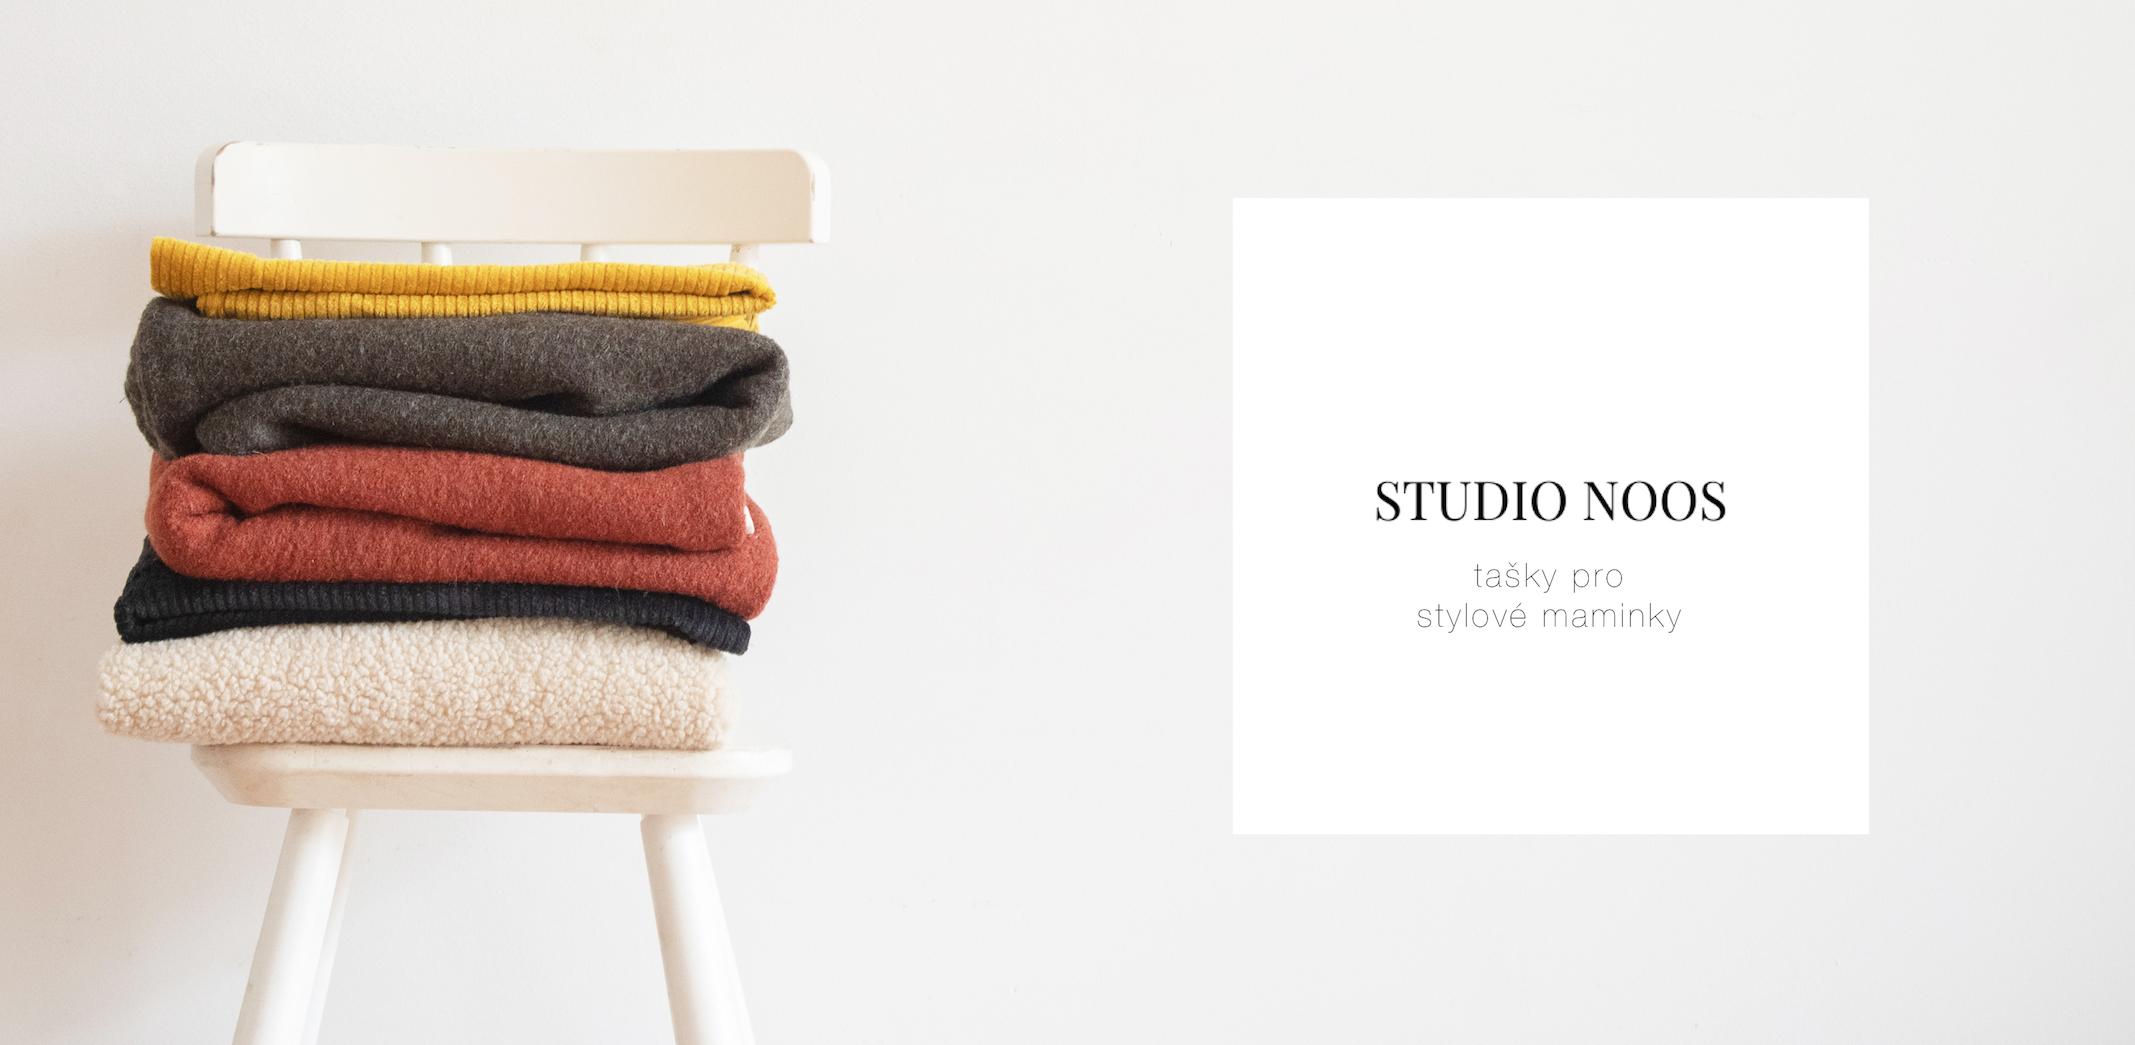 Studio Noos - Tašky pro stylové maminky